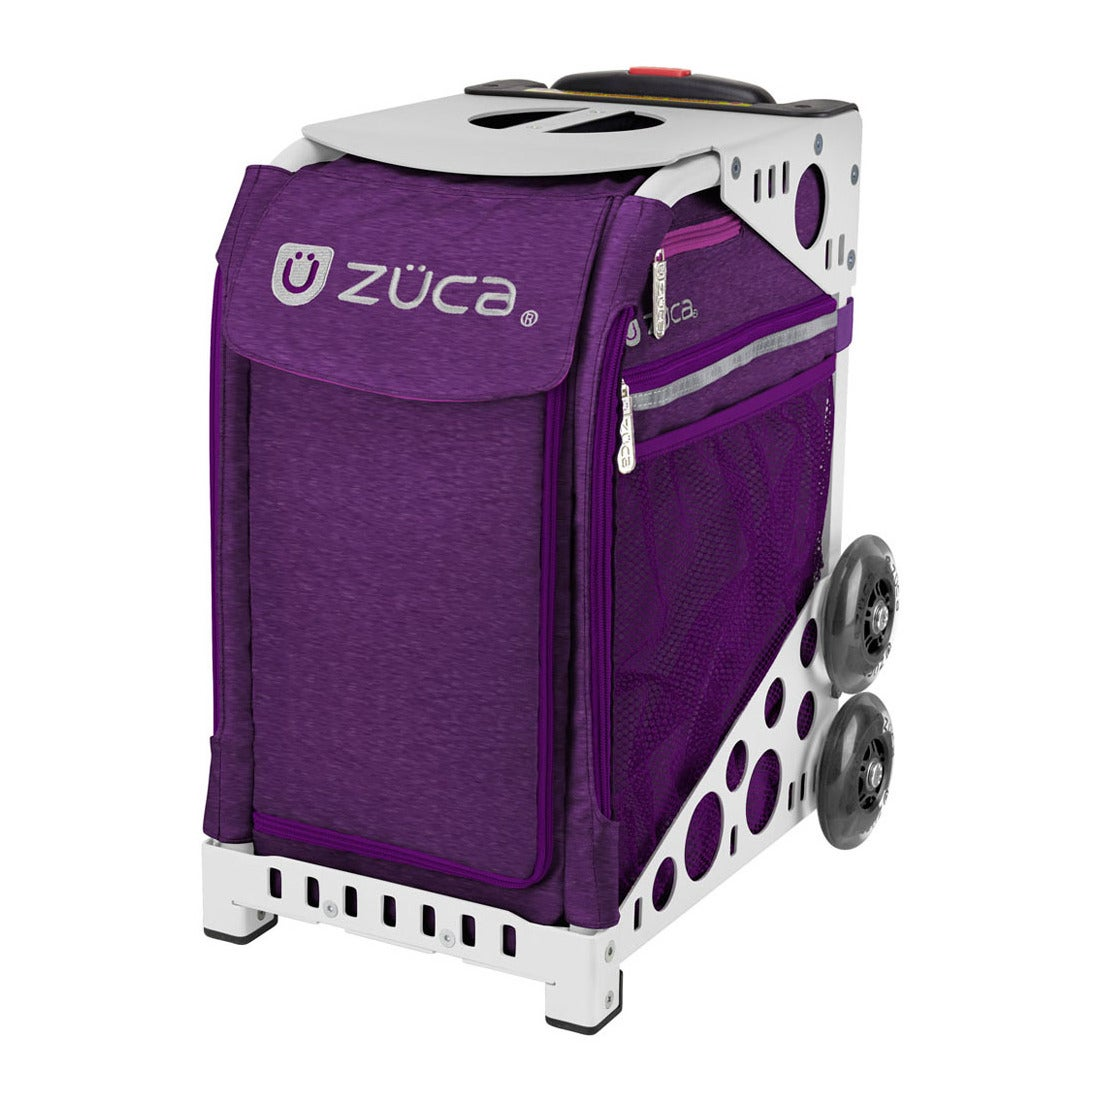 ロコンド 靴とファッションの通販サイト【セット販売】ZUCAスポーツCosmicPurple100401White